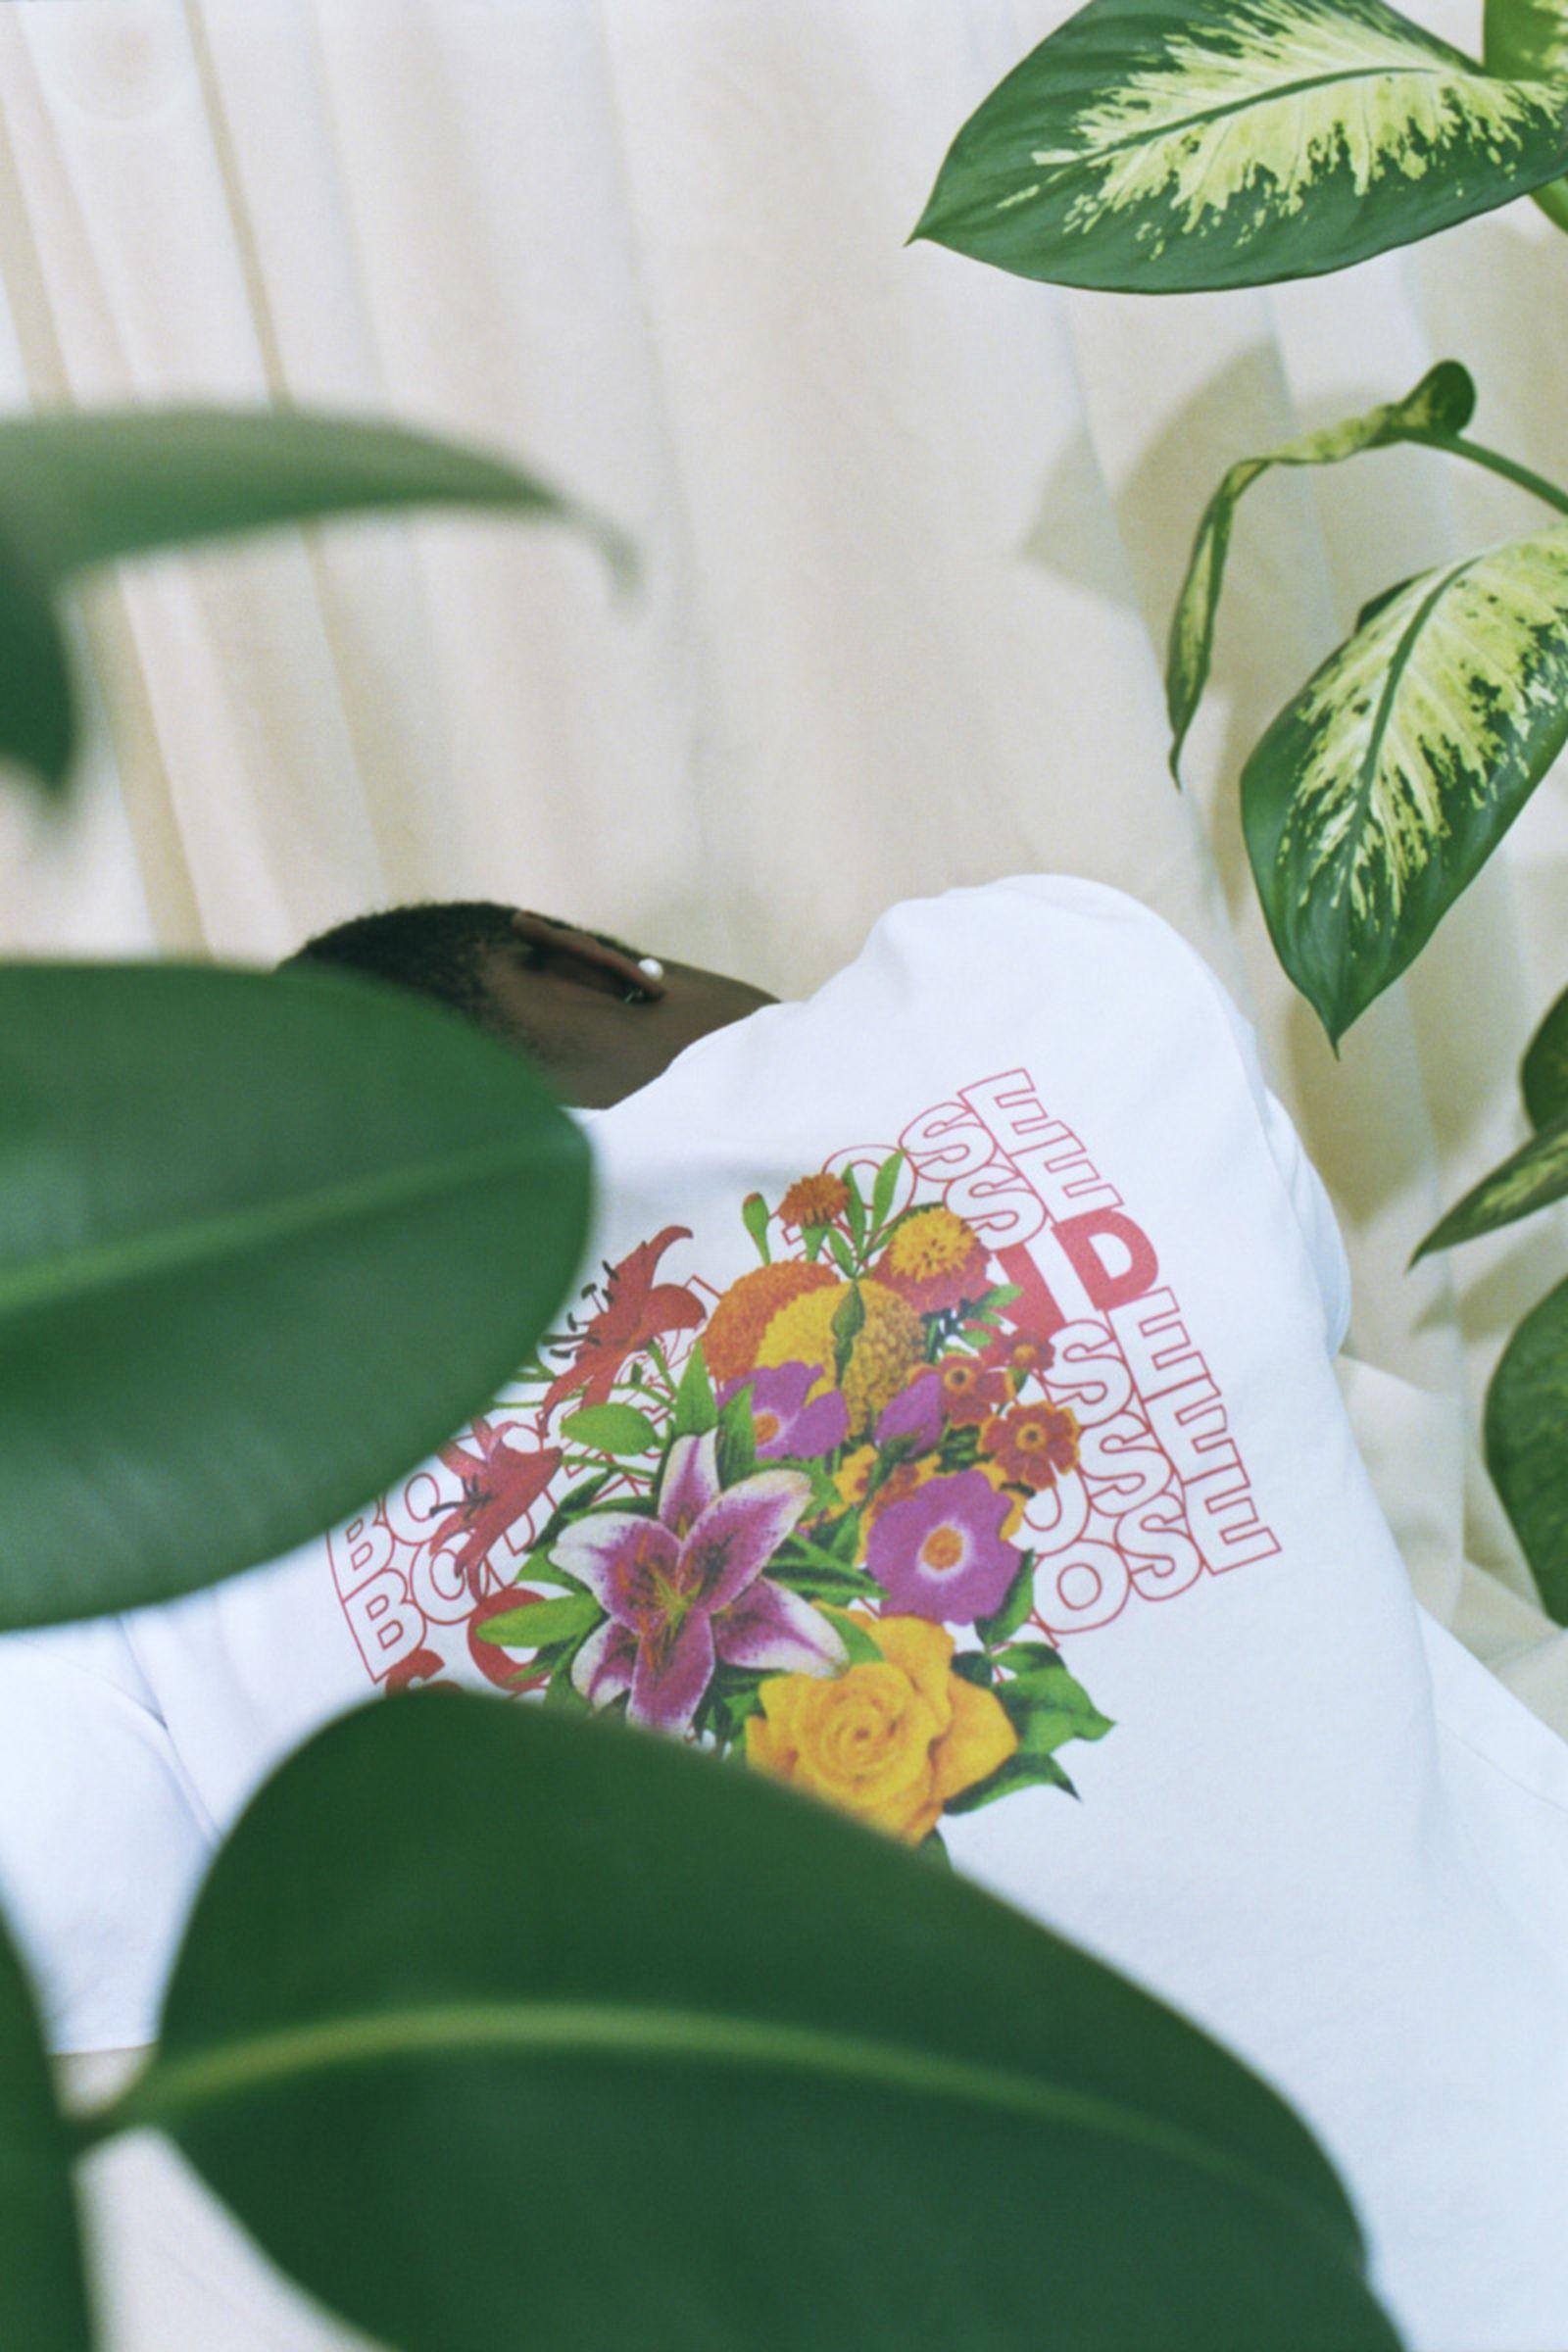 soulland-bodega-rose-collection-header-09